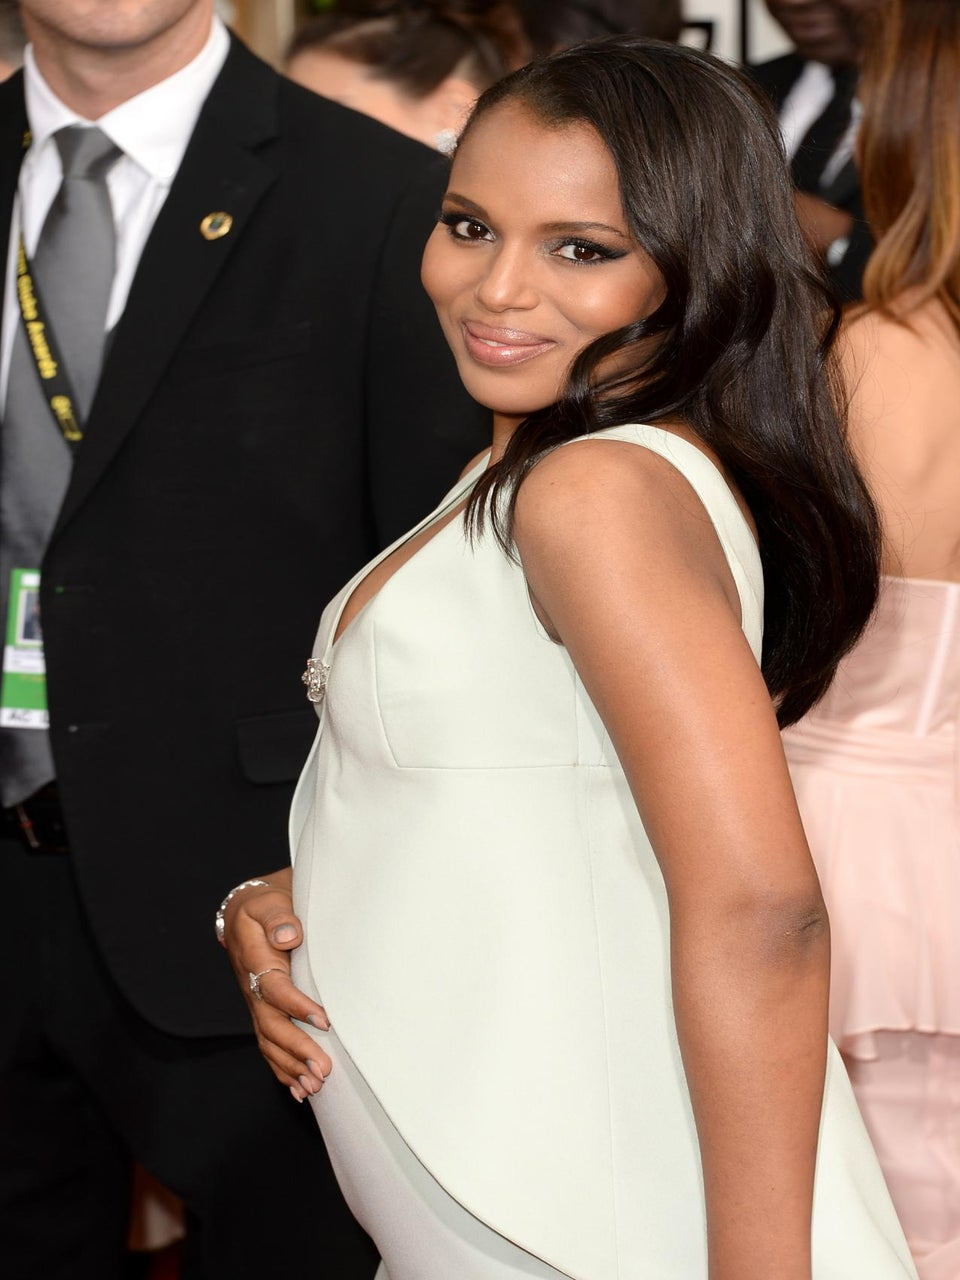 Kerry Washington Debuts Baby Bump at 2014 Golden Globes